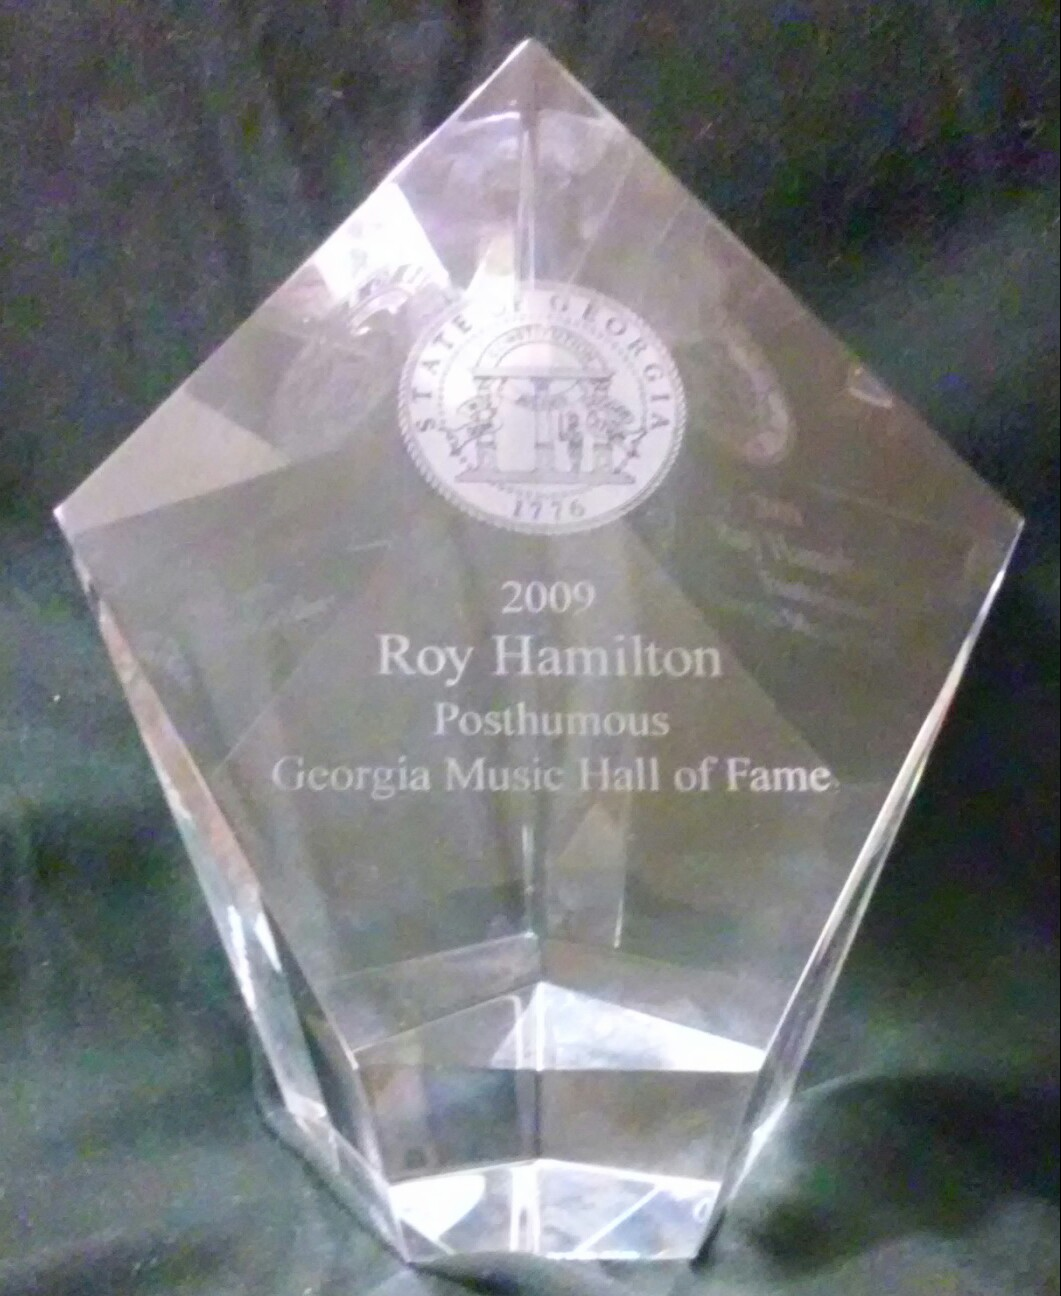 Roy Hamilton GMHOF AWARD